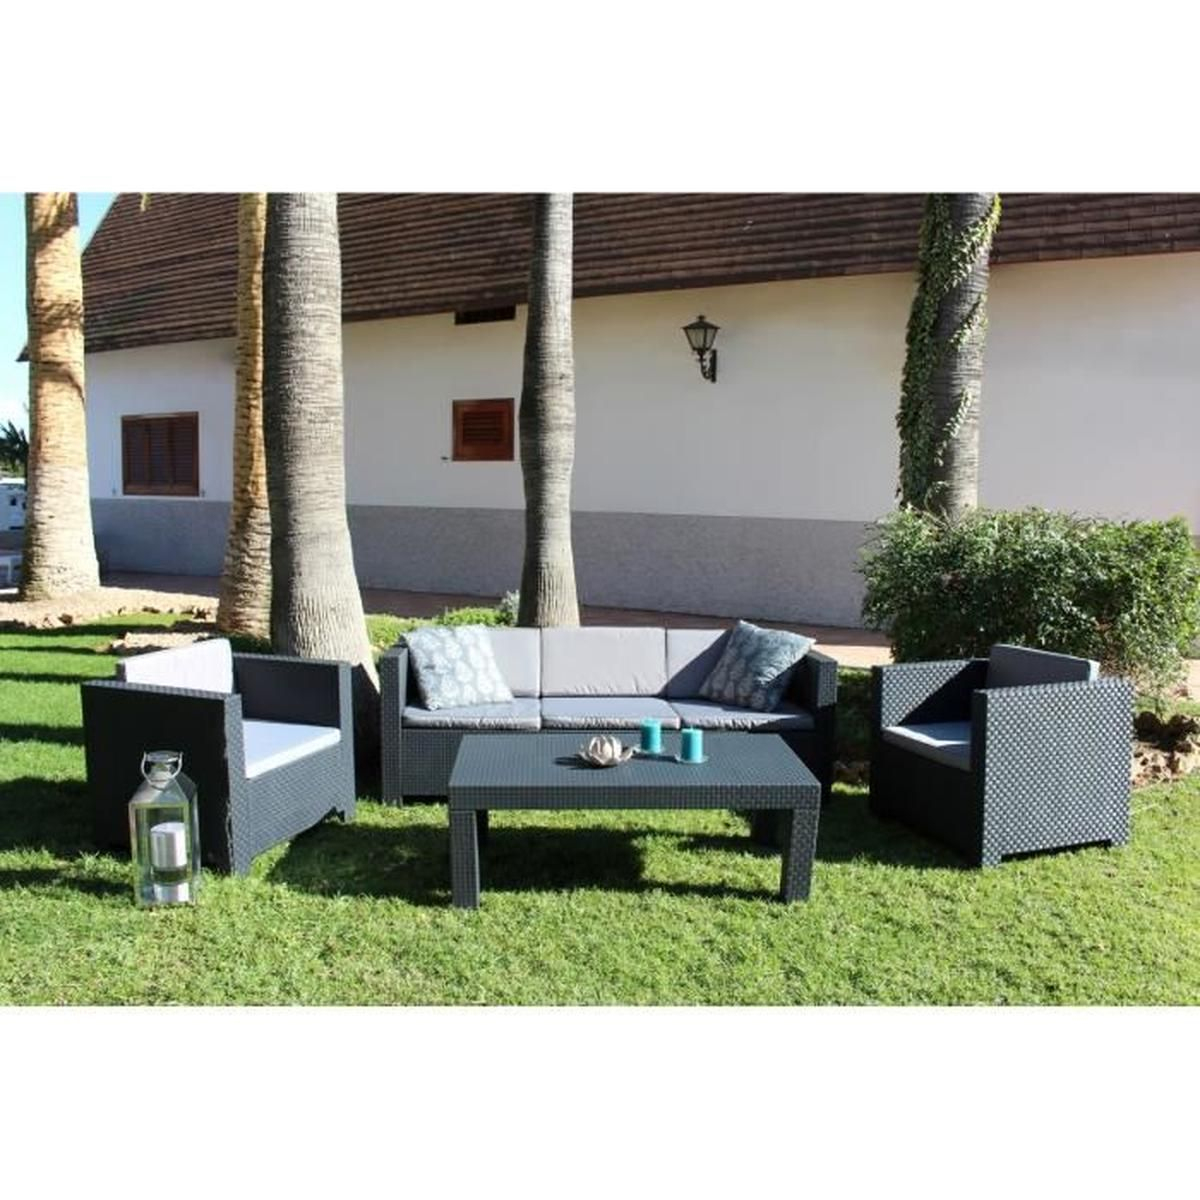 Tropea: Salon De Jardin 5 Places Effet Résine Tressée ... encequiconcerne Cdiscount Salon De Jardin Resine